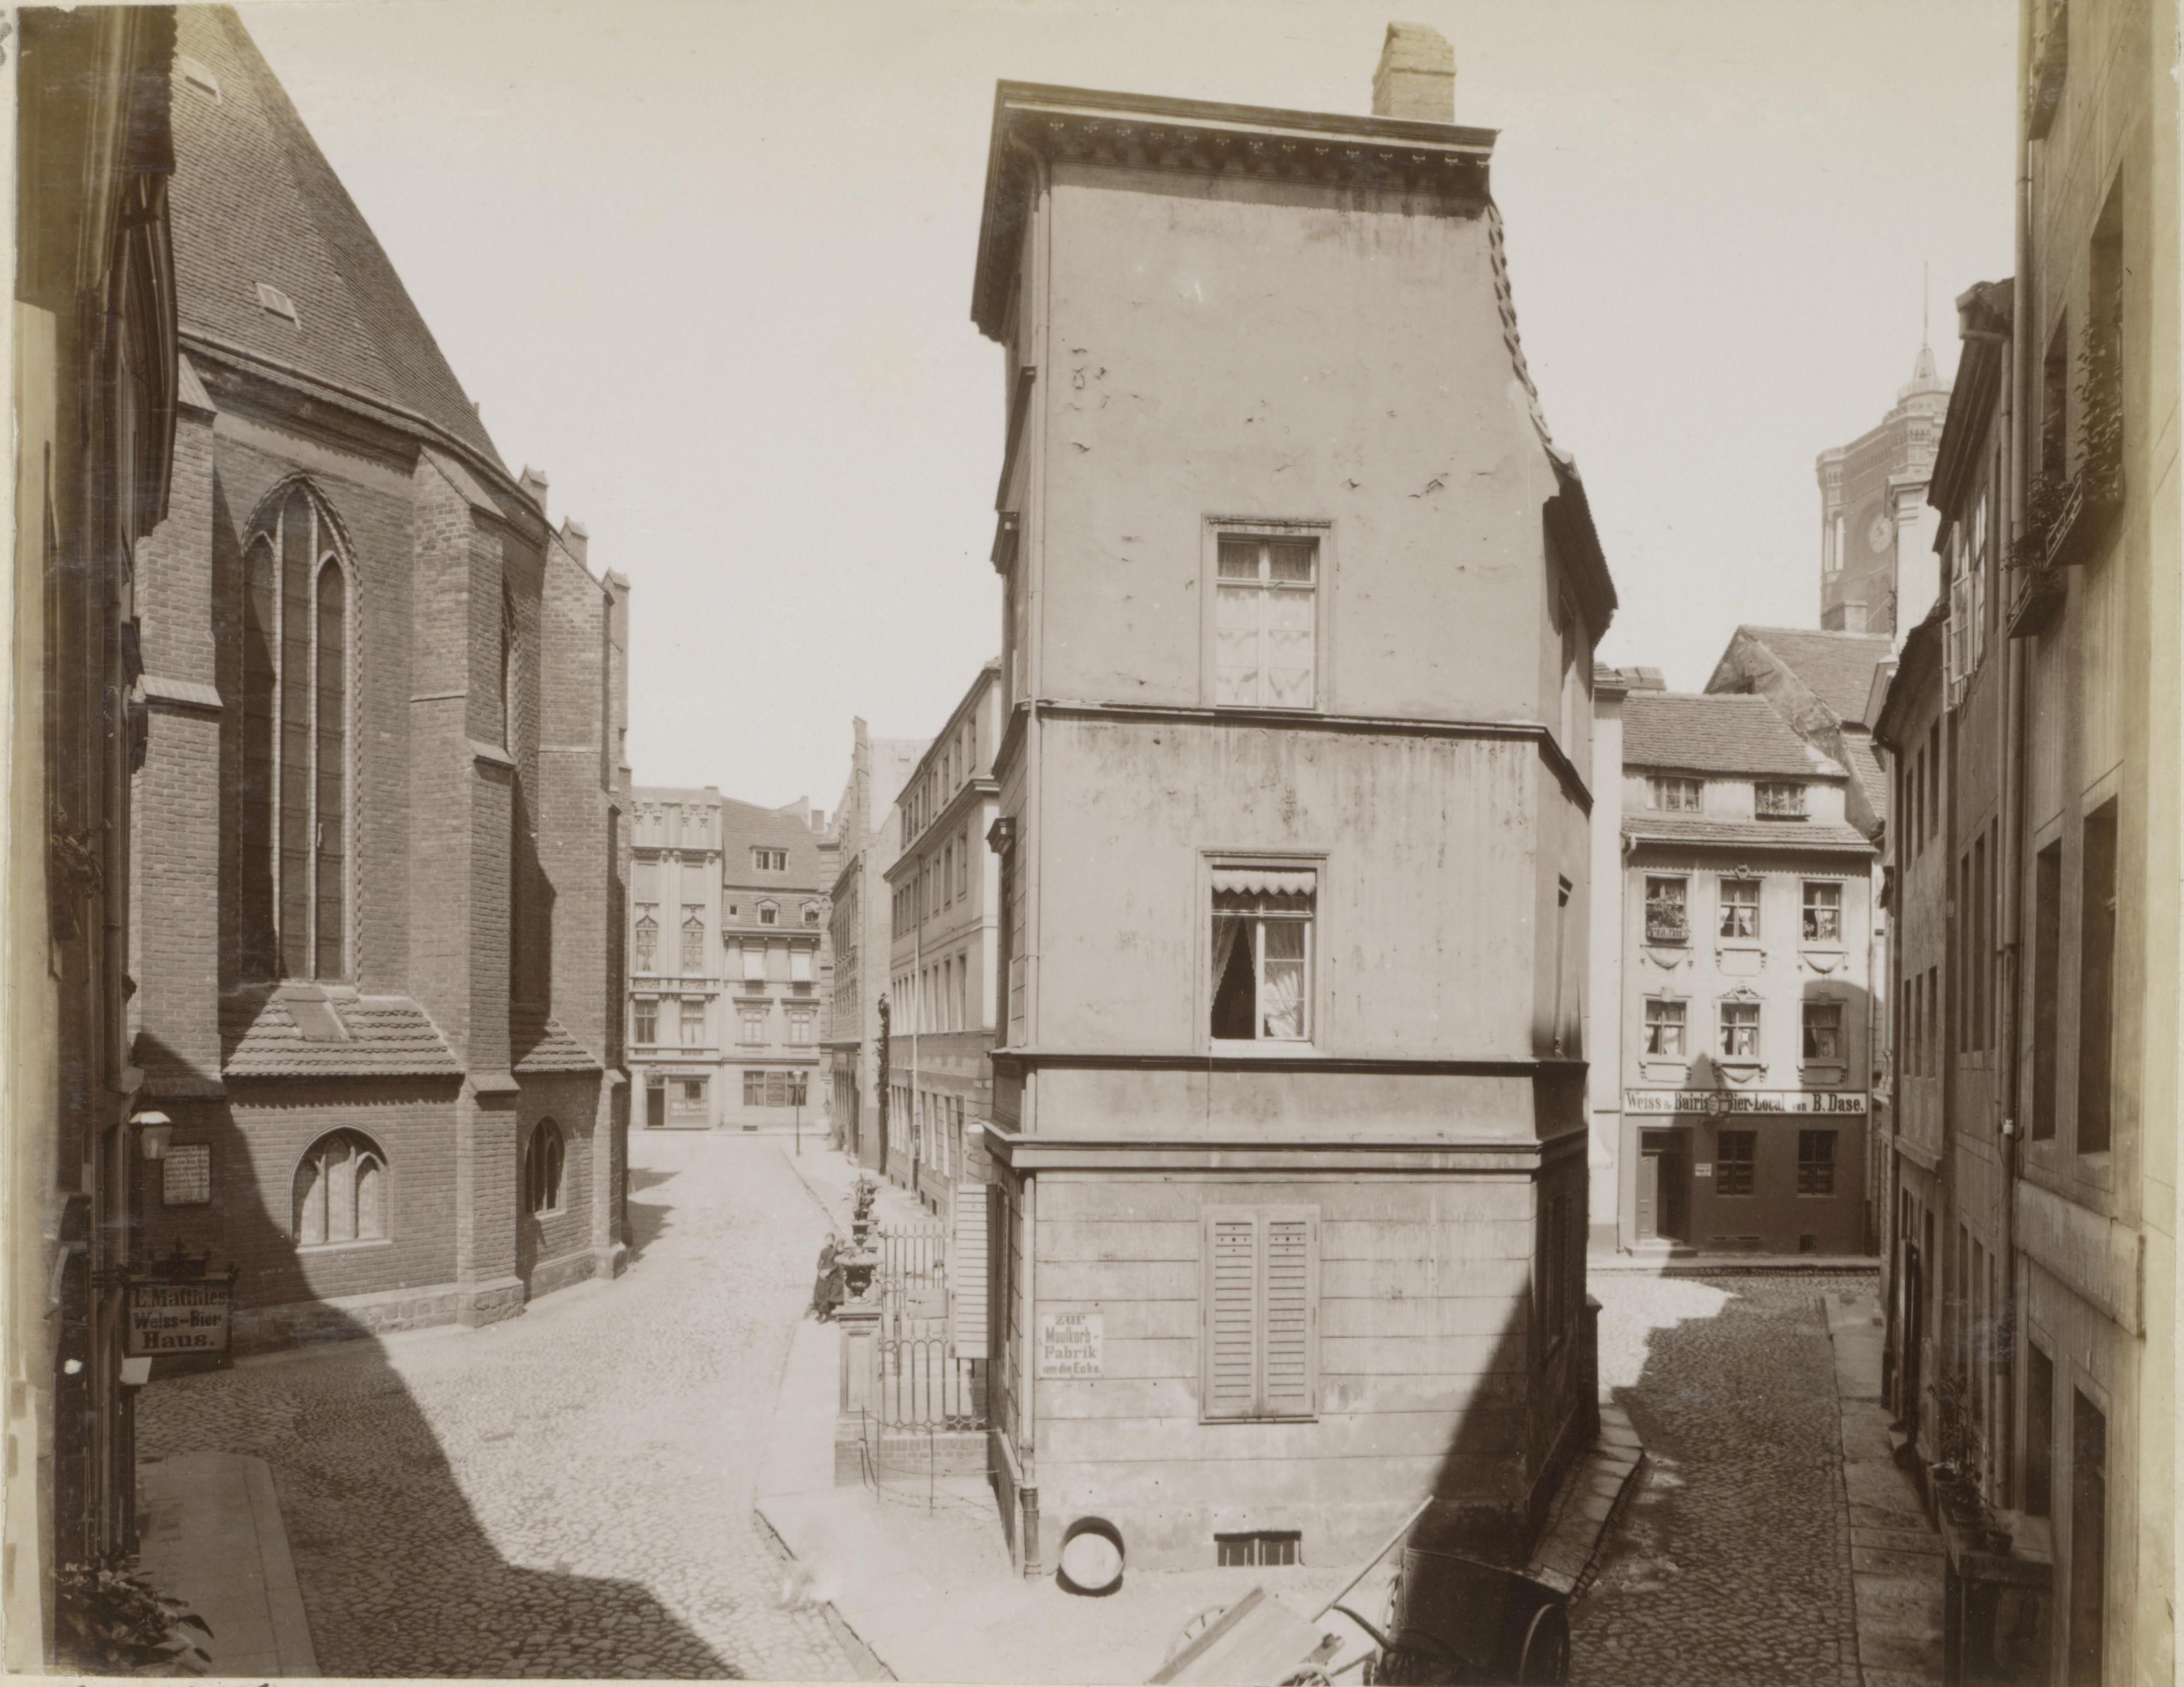 Nikolaiviertel, Berlin 1880.jpg